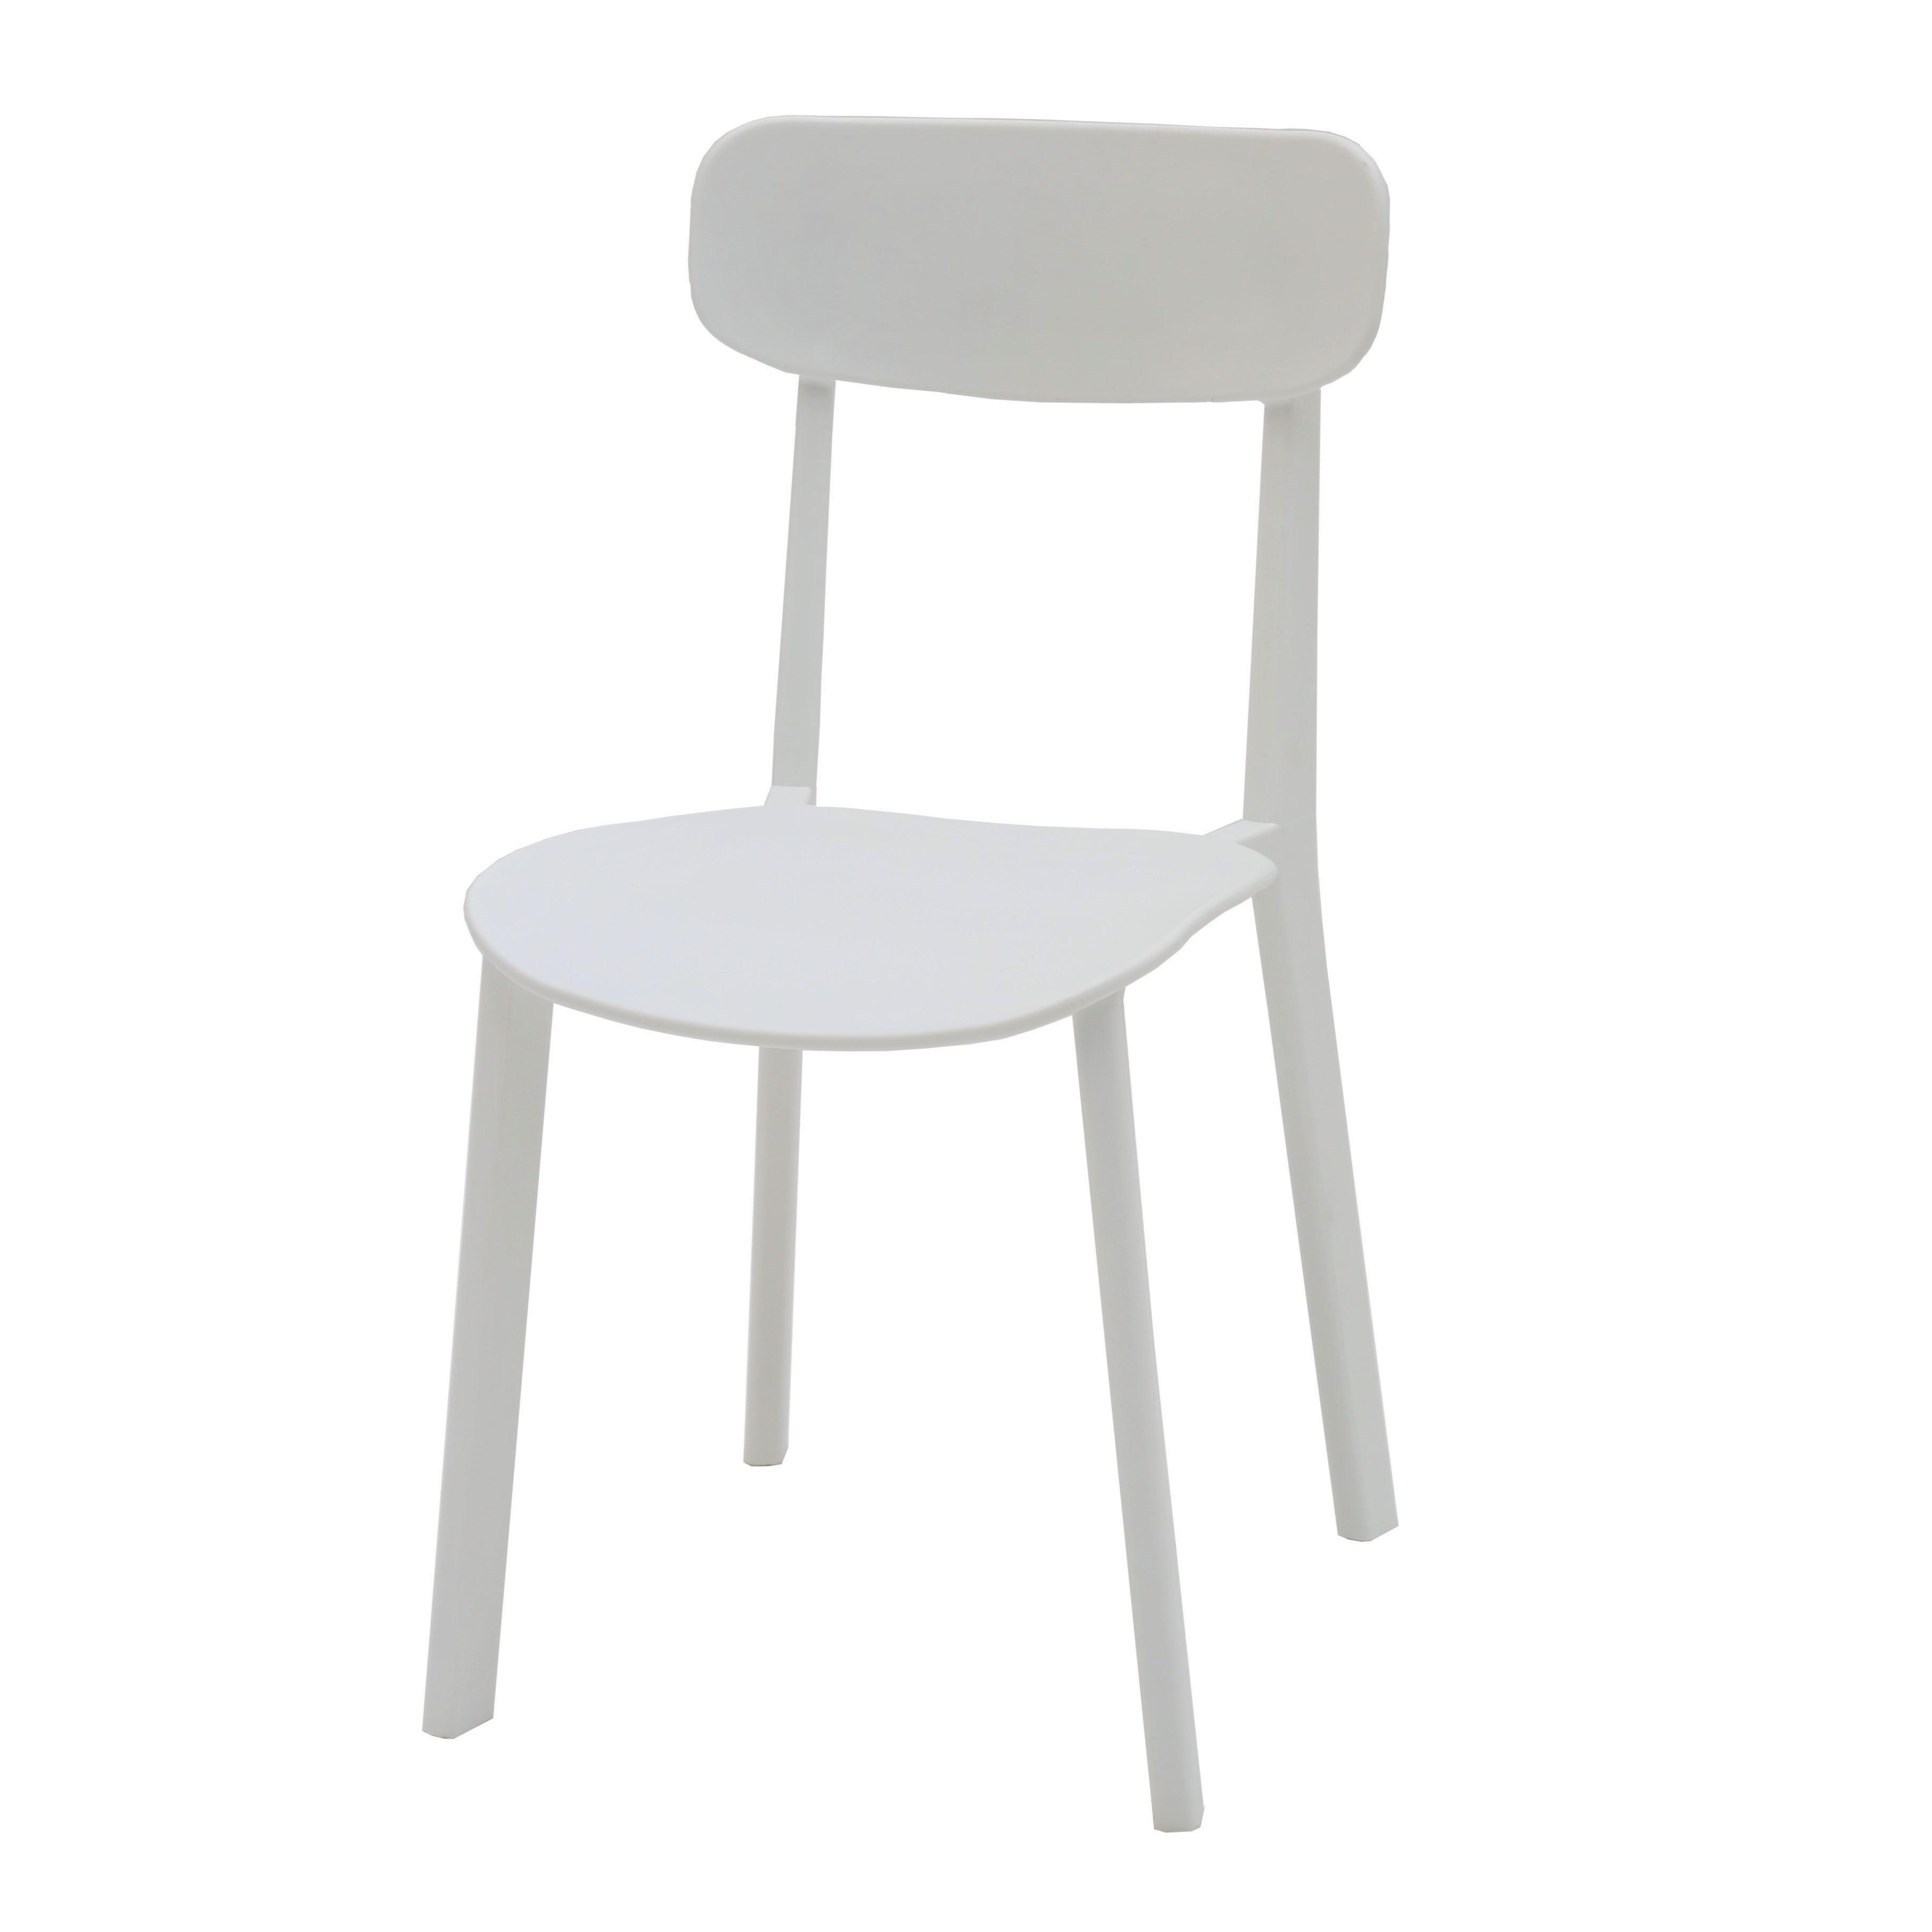 Sedia Moderna in Polipropilene Colore Bianco 4 Pezzi (disponibile ...